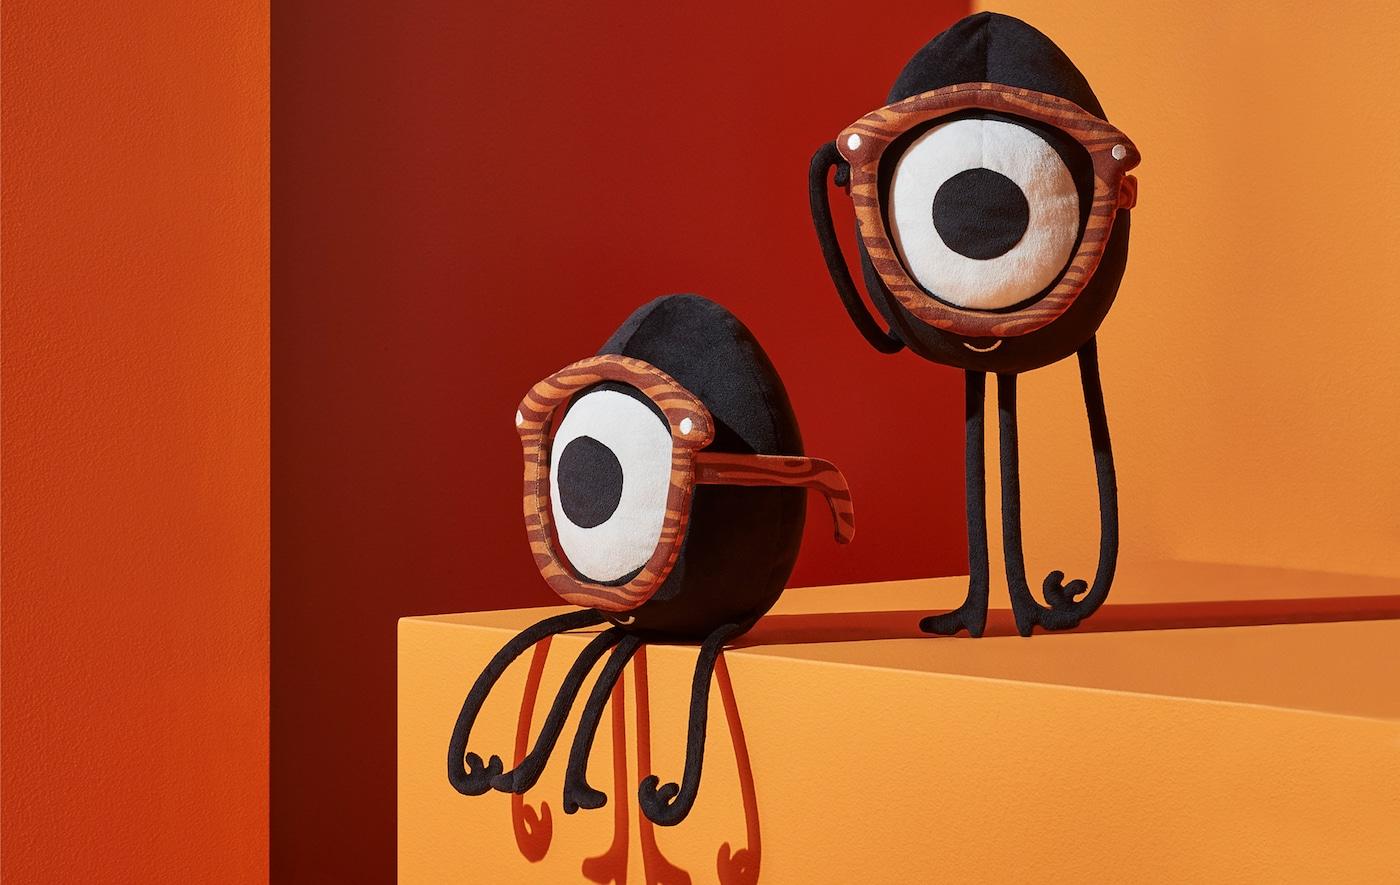 Zwei eierförmige Stoffspielzeuge, jedes mit einem Auge und einem Monokel versehen.